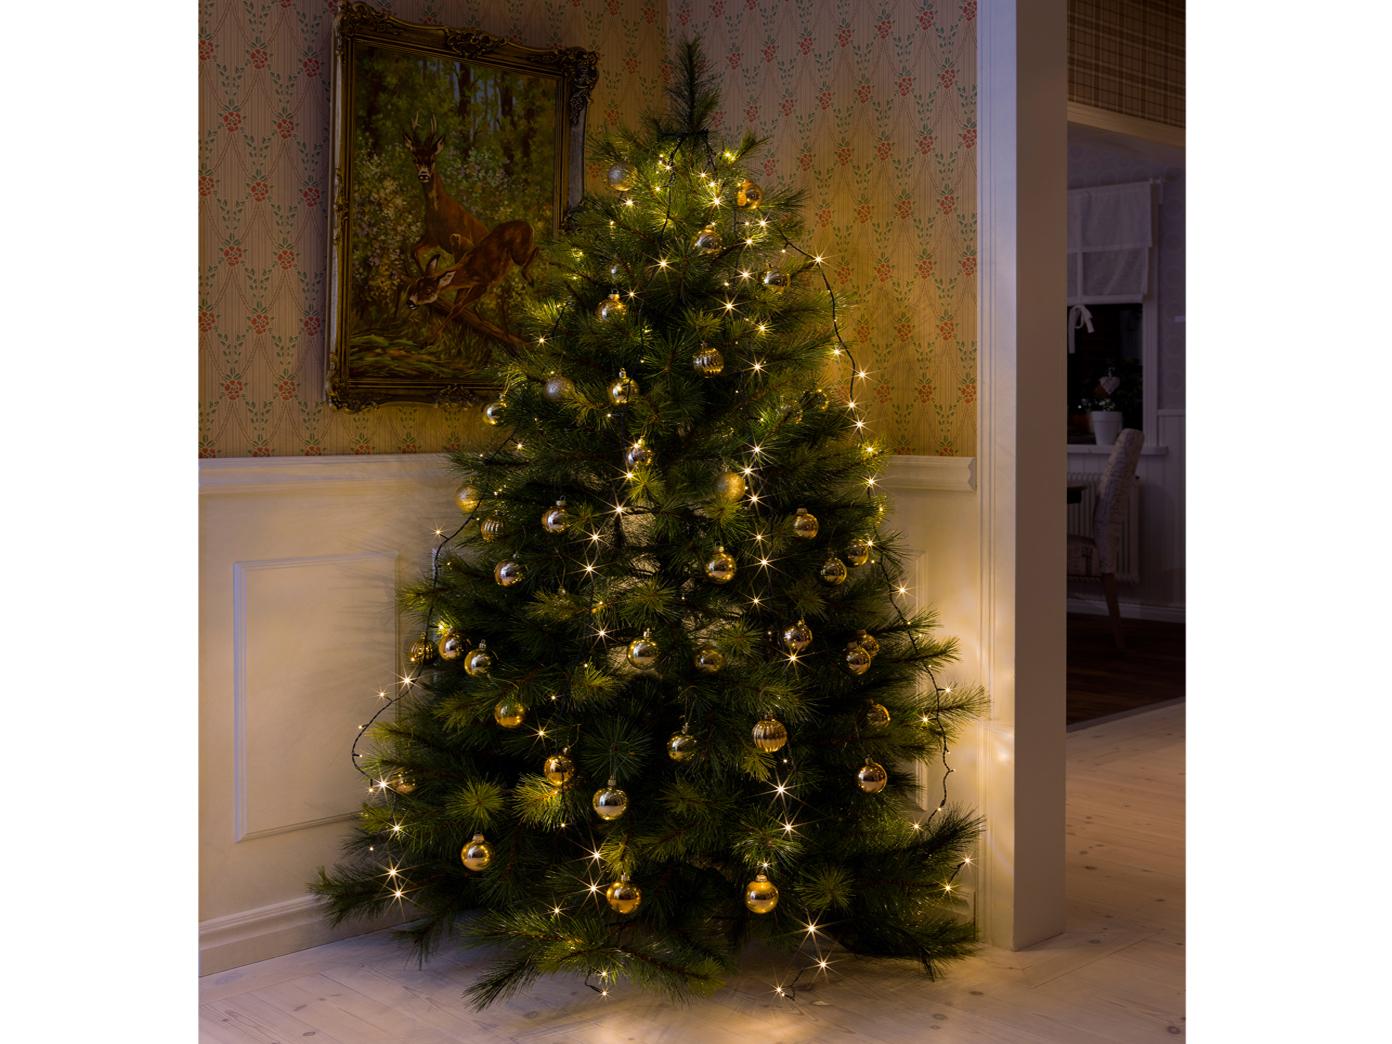 Weihnachtsbaum Mit Beleuchtung.Lichterkette Für Innen 150 Led S 6h Timer Weihnachtsbaum Beleuchtung Christbaum